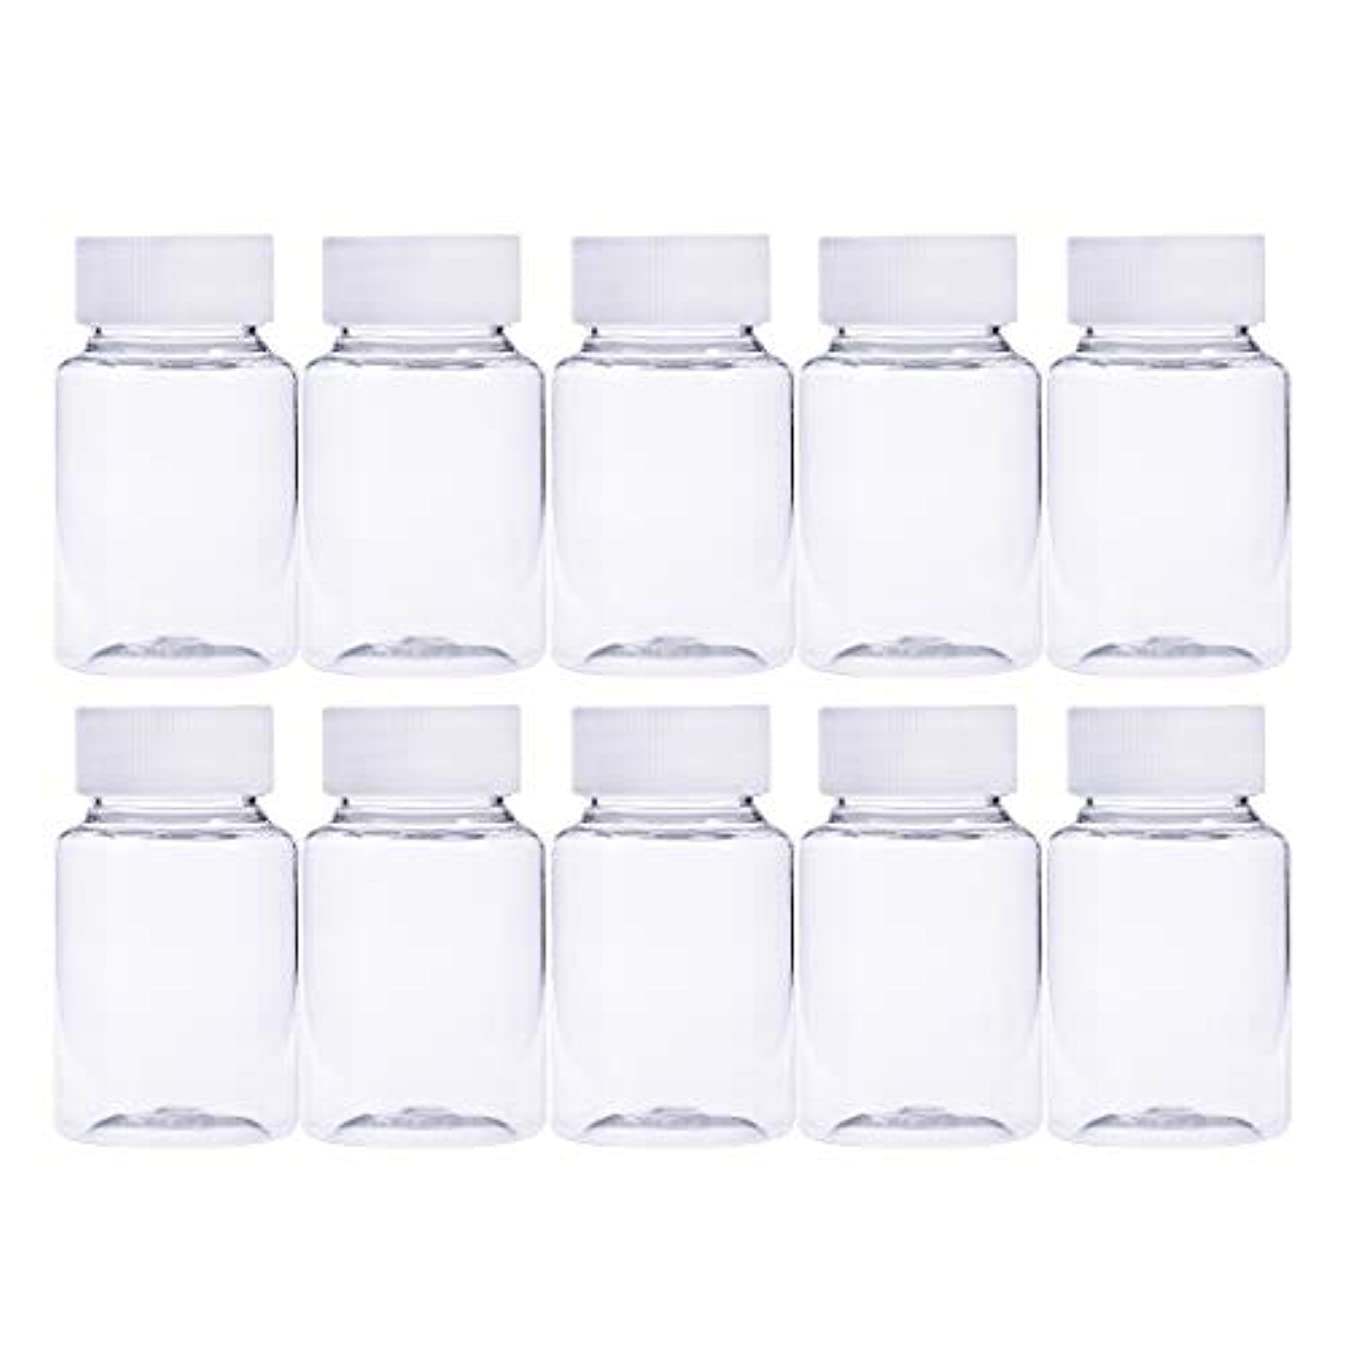 Frcolor 12個 80ml 小分けボトル 広口 クリア 詰め替え容器 薬保存 ビーズ収納 液体 化学薬品収納ボトル 化粧小分け容器 プラスチック容器